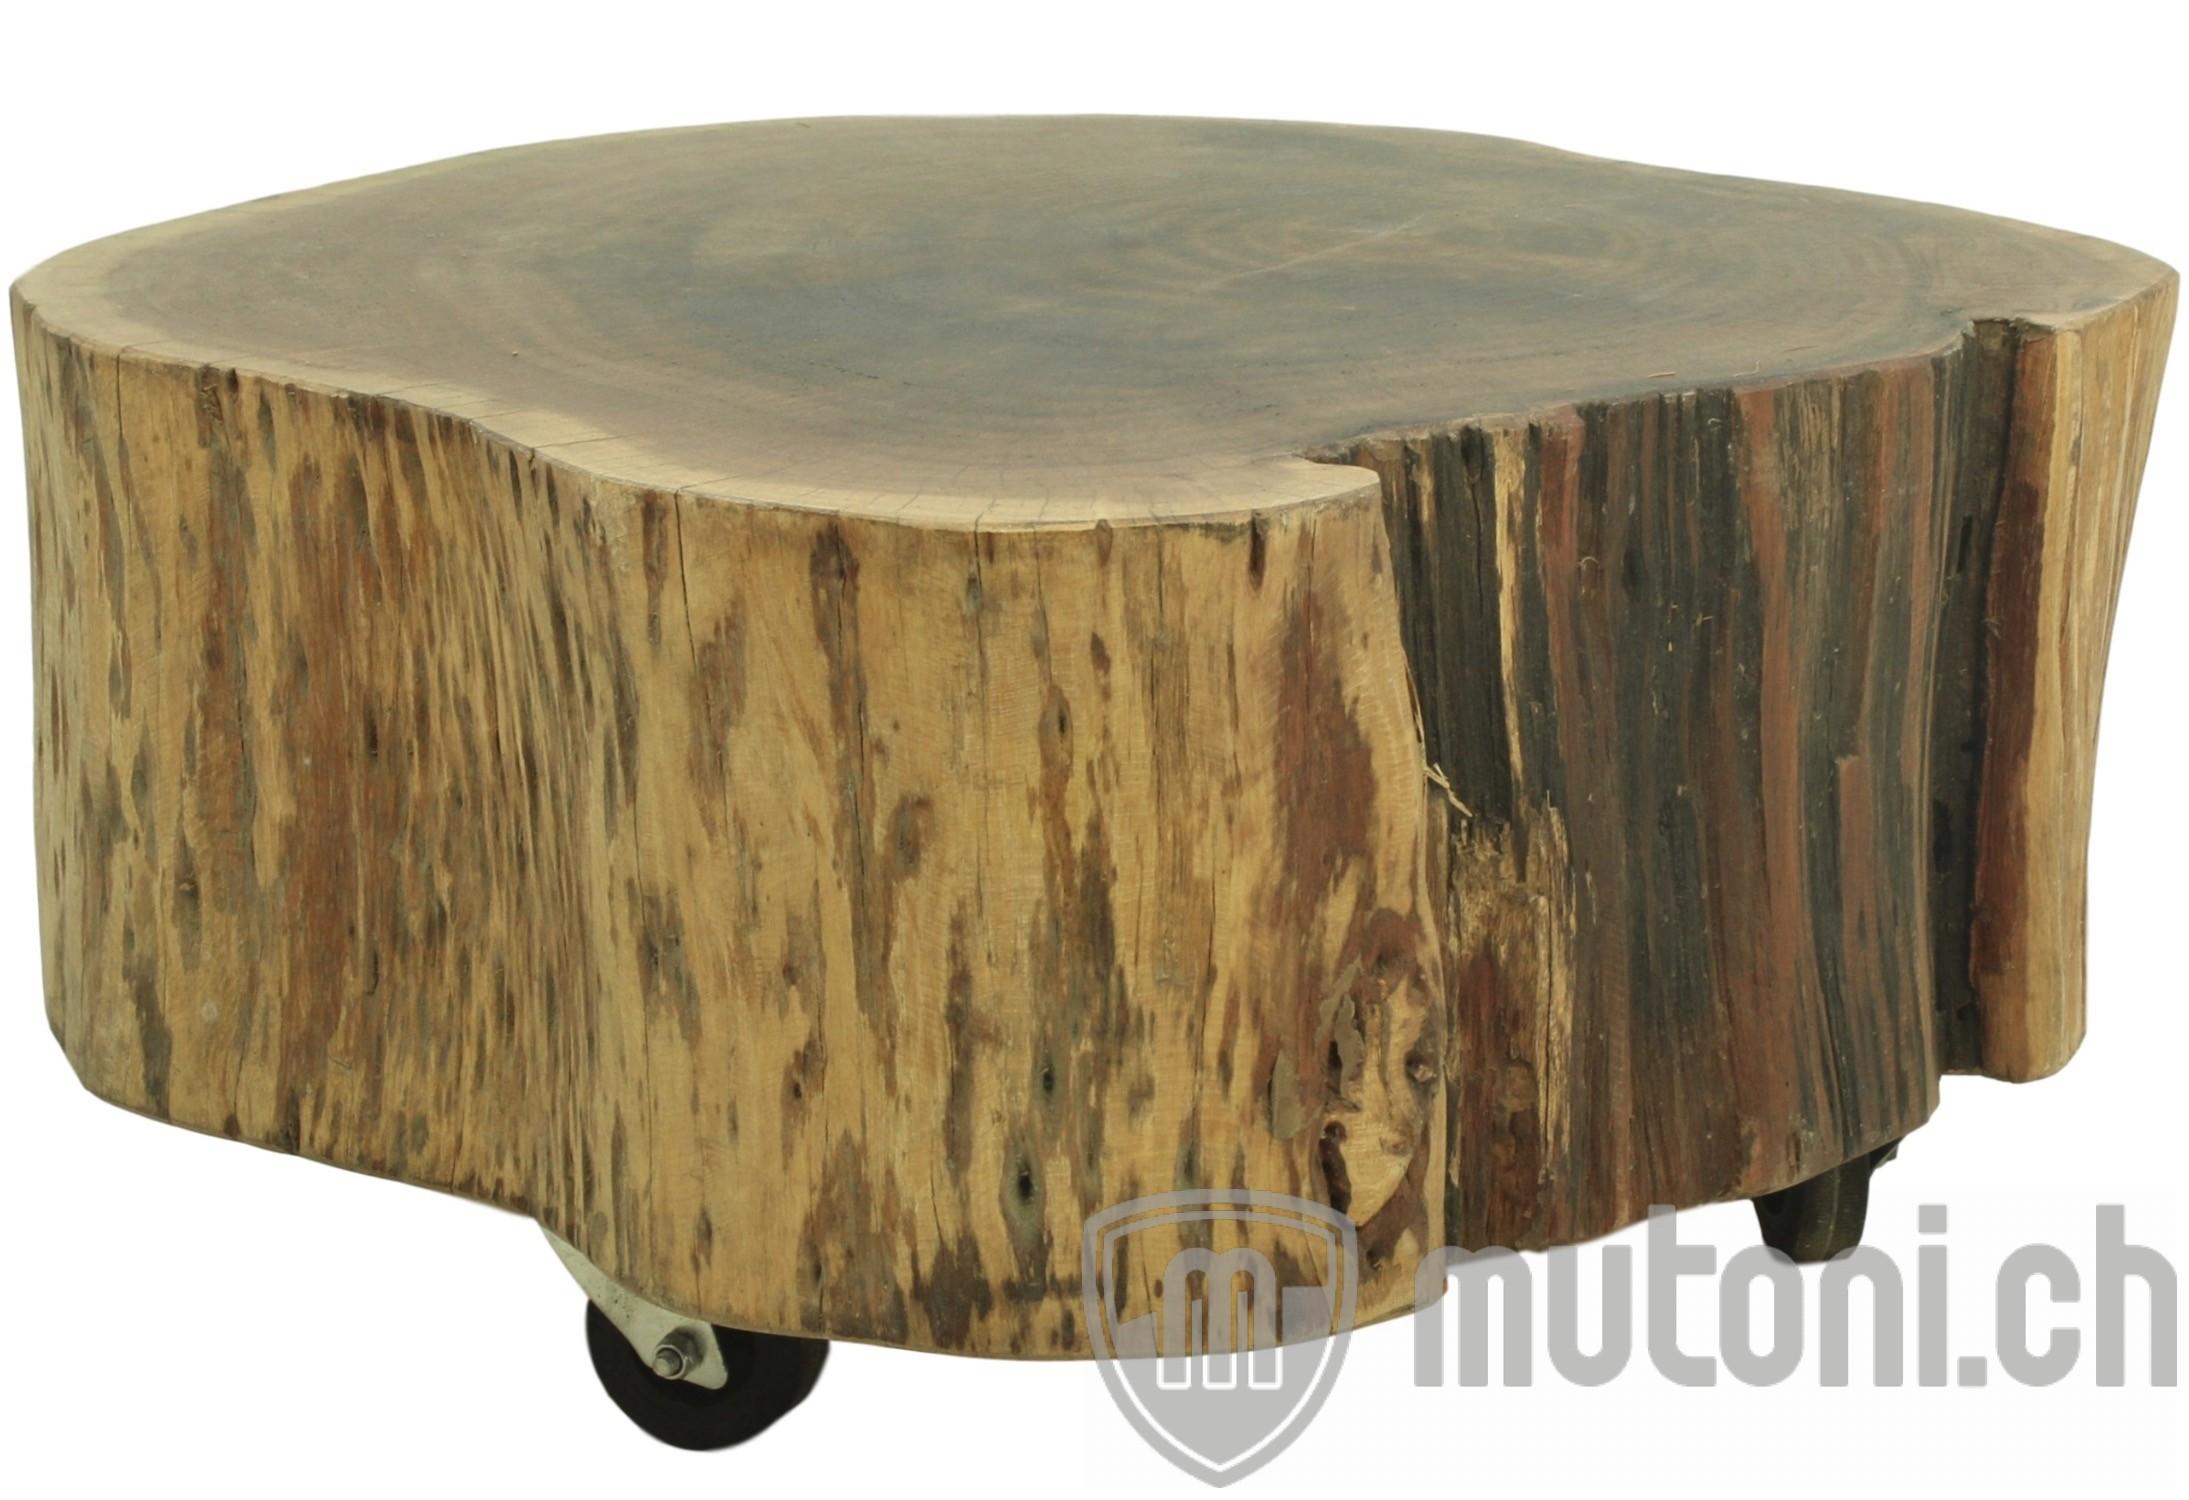 beistelltisch baumstamm - akazie massivholz | beistelltische | couch